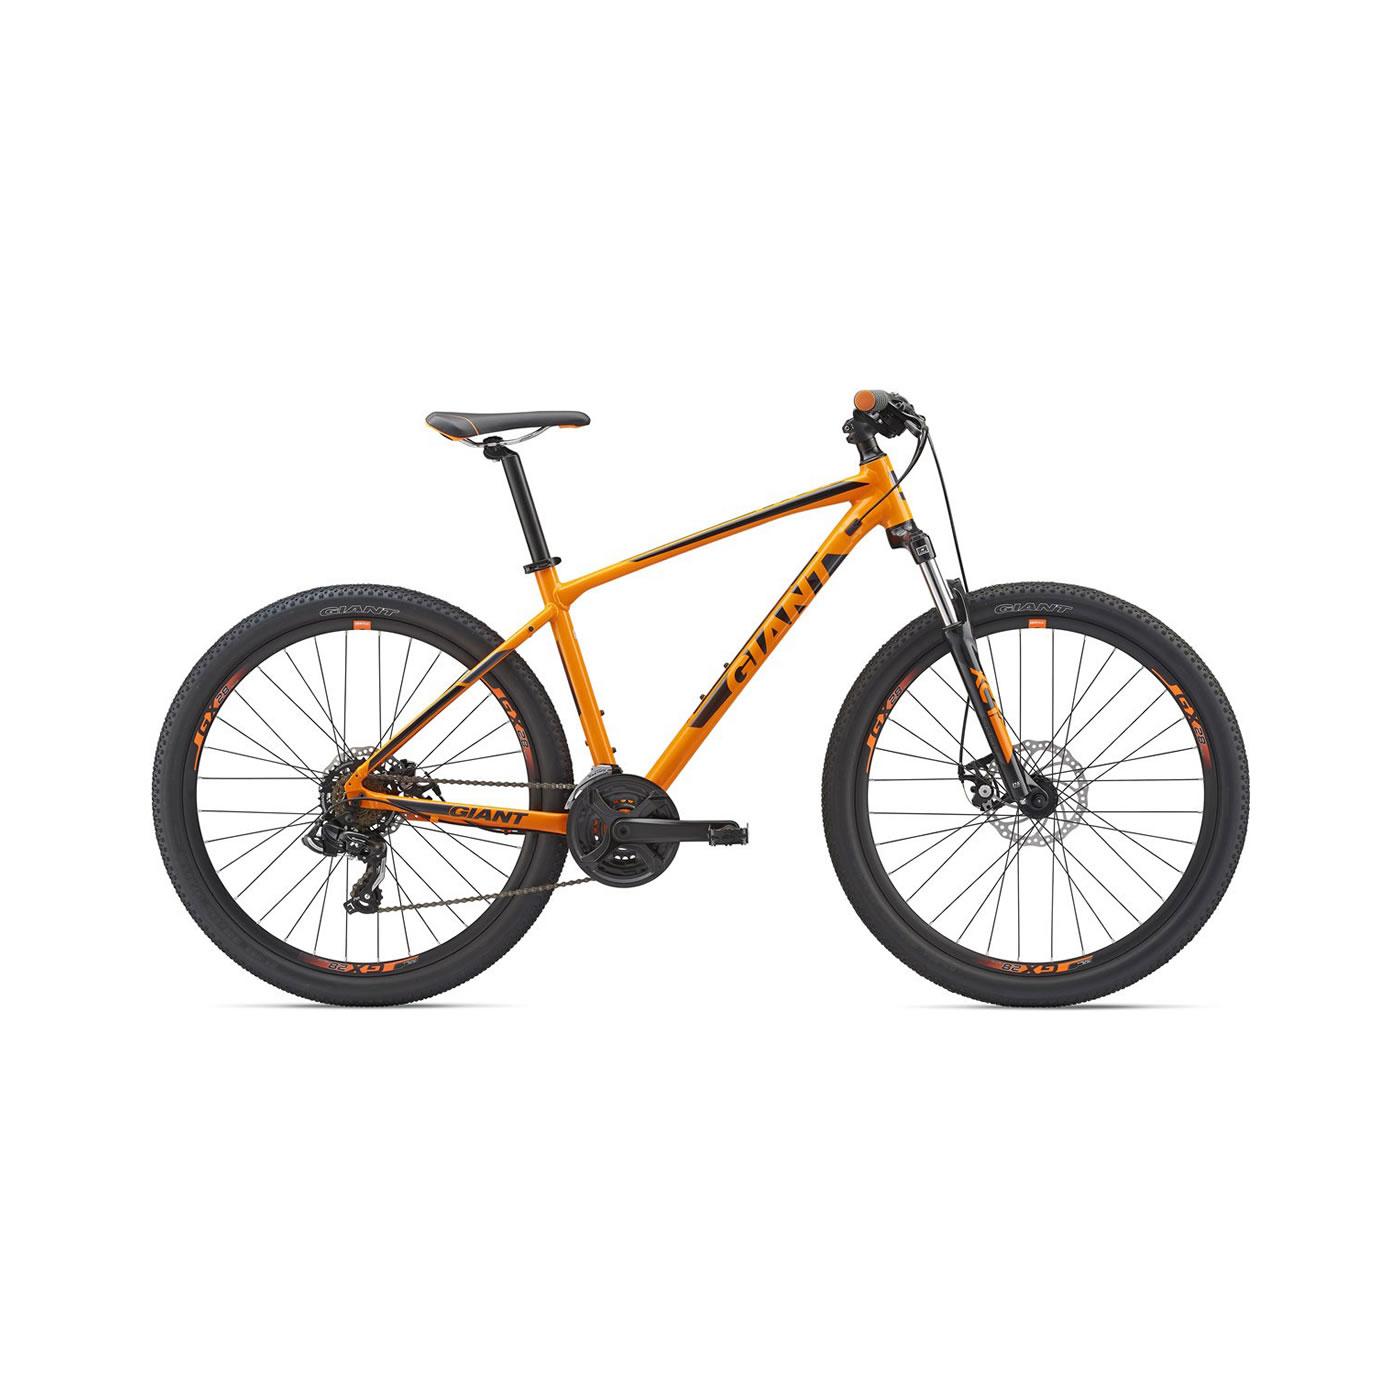 Giant Atx 2 26 Mountain Bike 2019 Hardtail Mtb Bikestyle